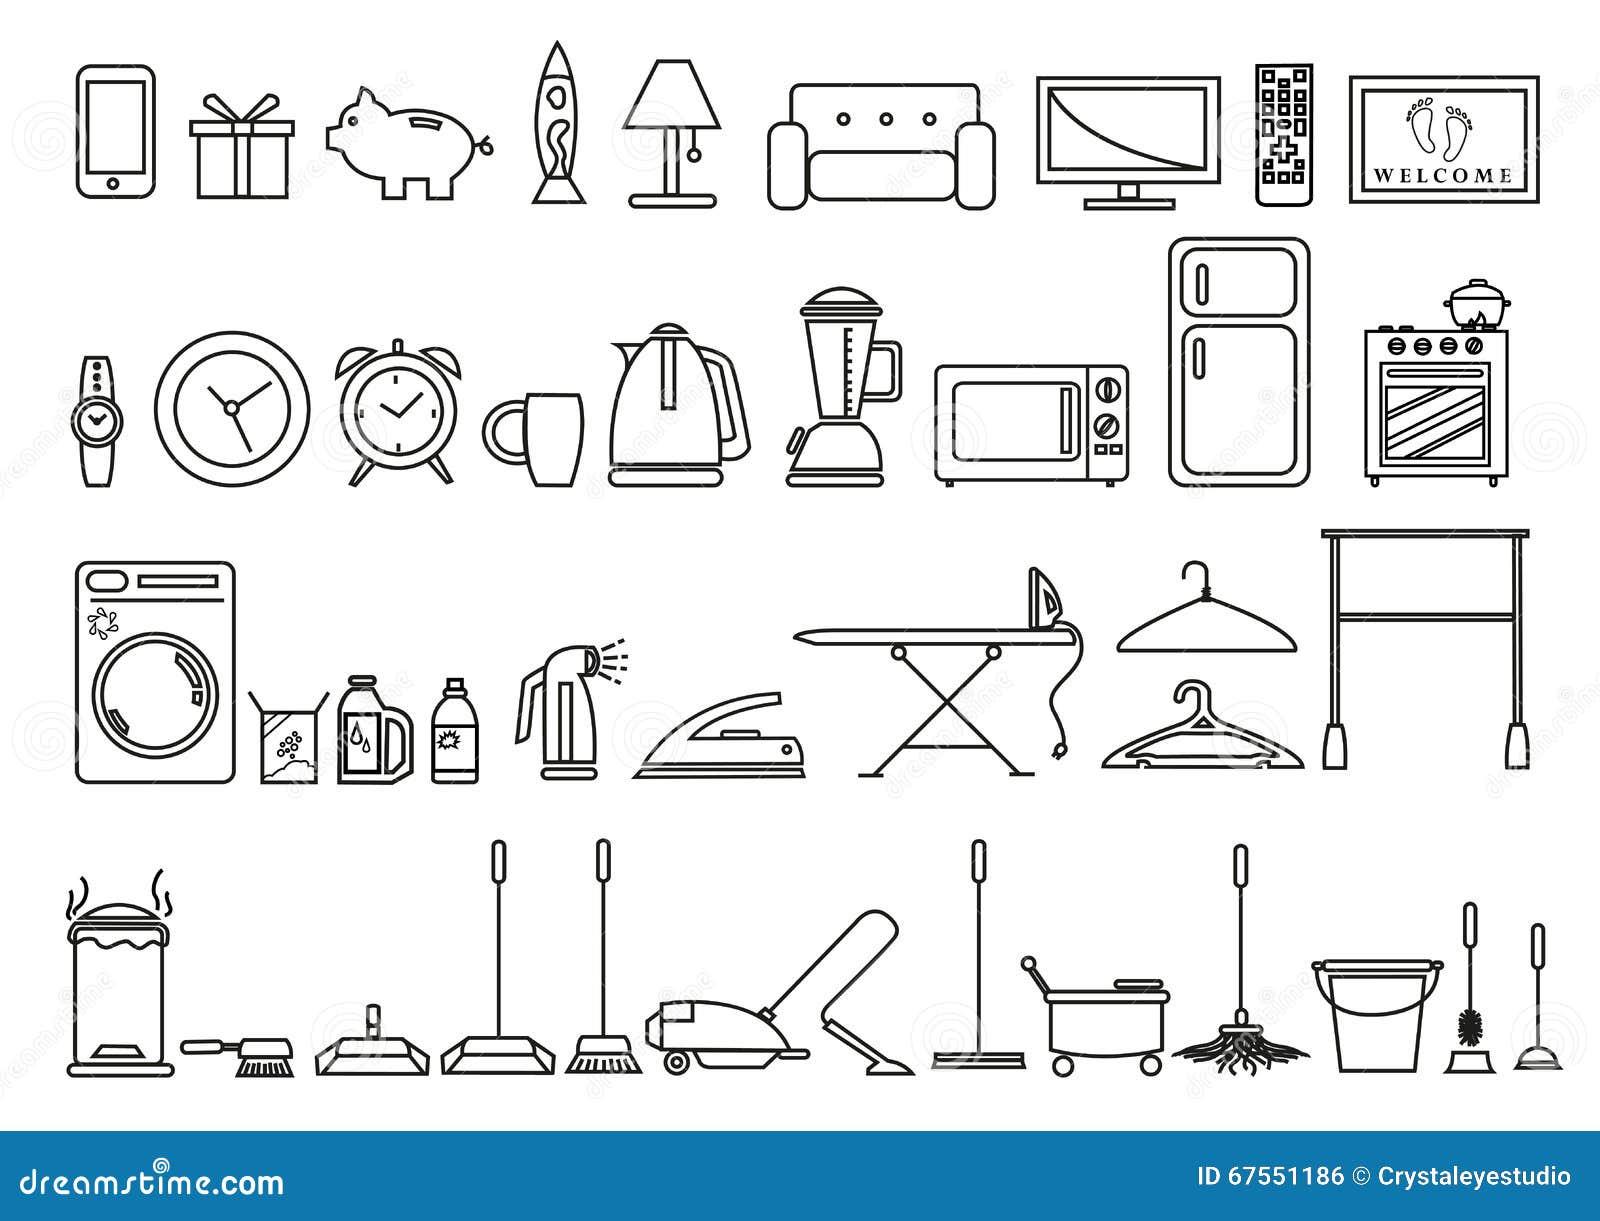 ensemble d 39 outils de maison et de mode de vie et objets dans le contour art style clipart. Black Bedroom Furniture Sets. Home Design Ideas